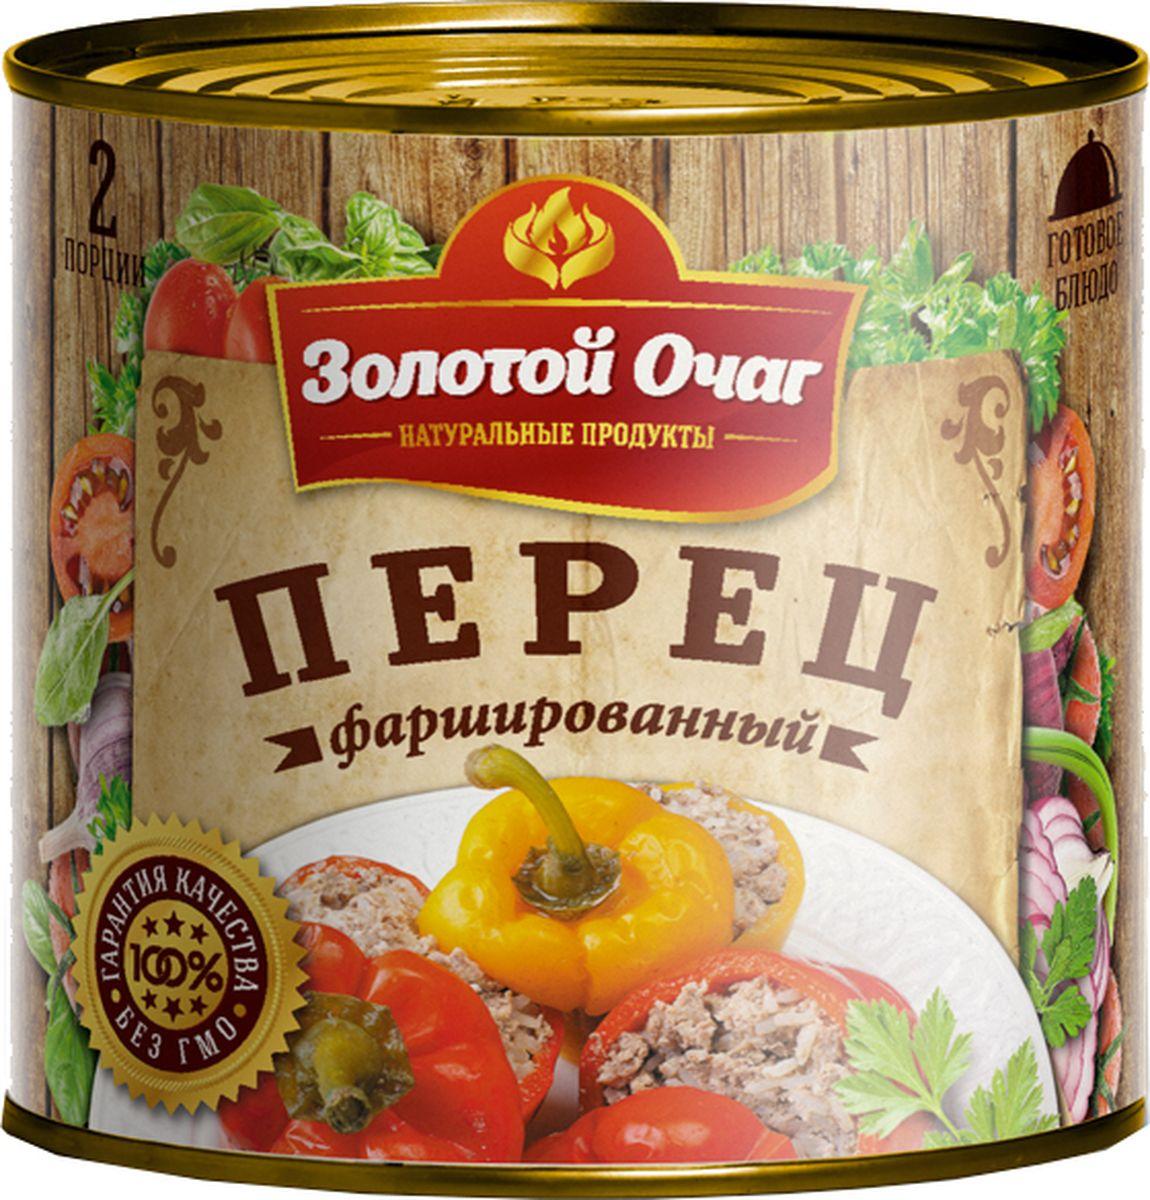 Золотой Очаг перец фаршированный мясом и рисом, 540 г51.0034,1Продукт готов к употреблению. Перед употреблением рекомендуется разогреть.